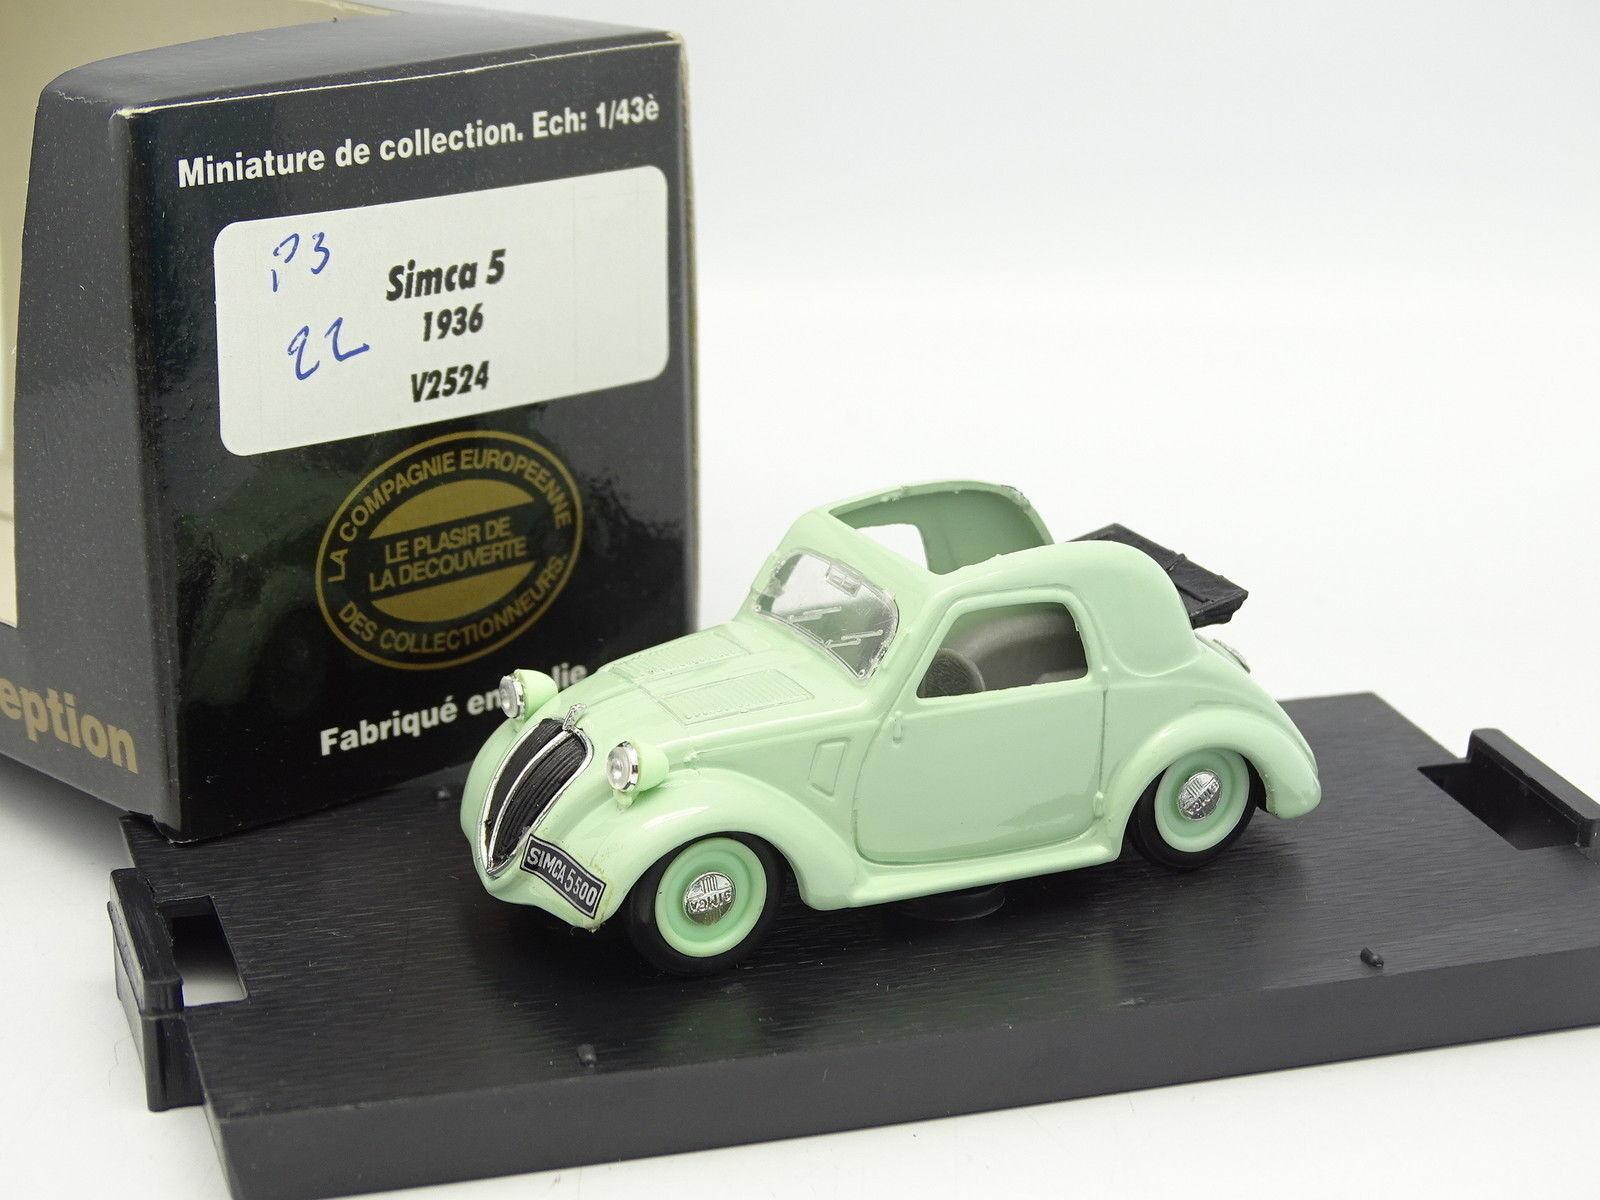 Brumm CEC 1 43 - Simca 5 5 5 1936 green 142880